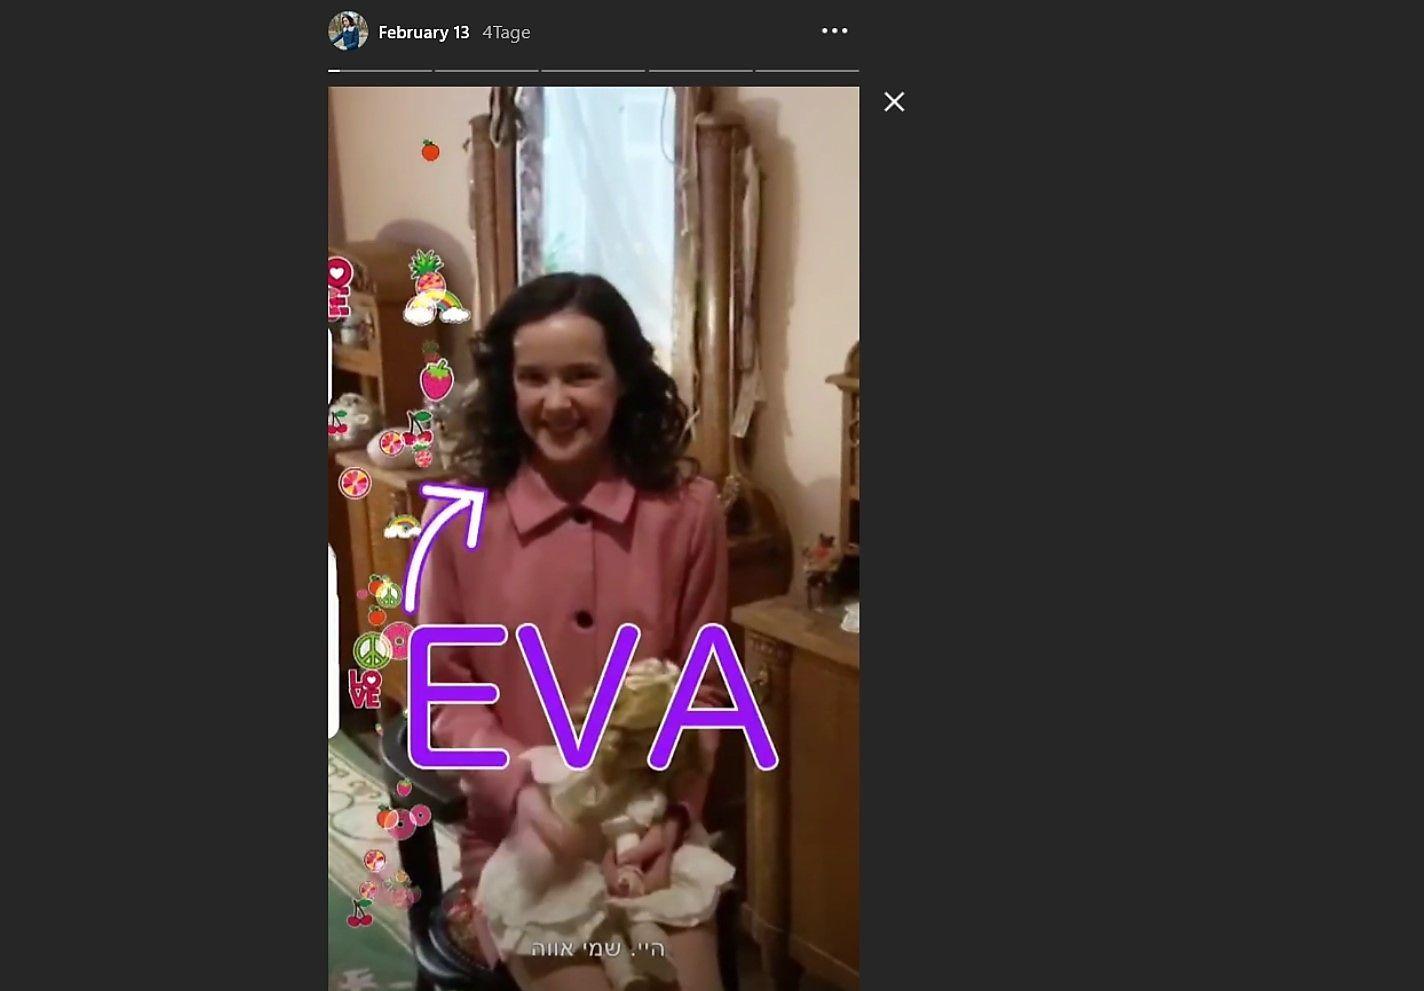 So stellt sich Eva in der ersten Story auf ihrem Instagram-Profil vor.